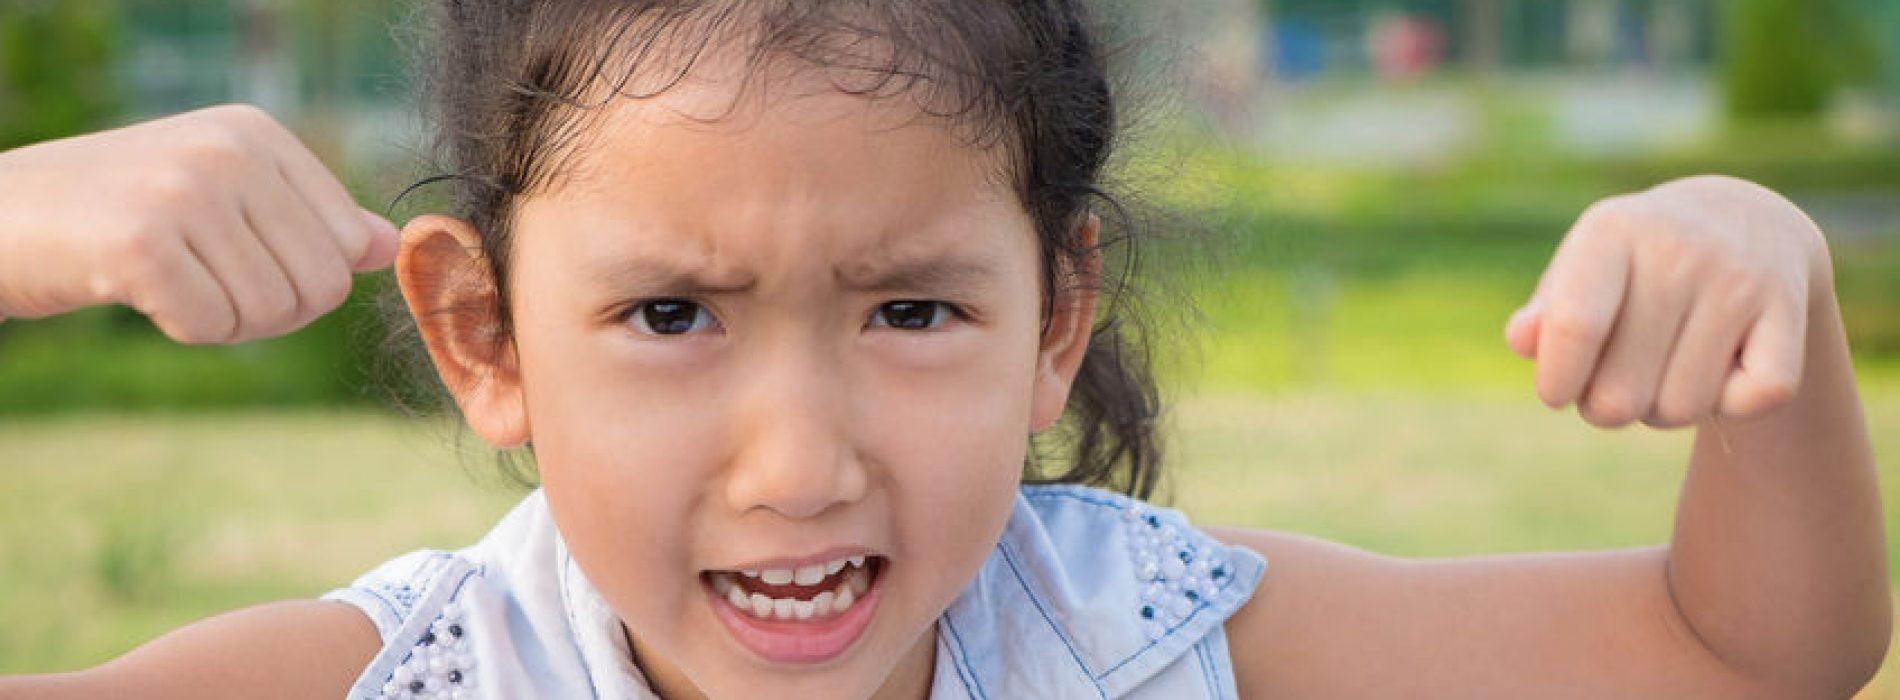 Jak zminimalizować ryzyko wystąpienia ataków padaczkowych?